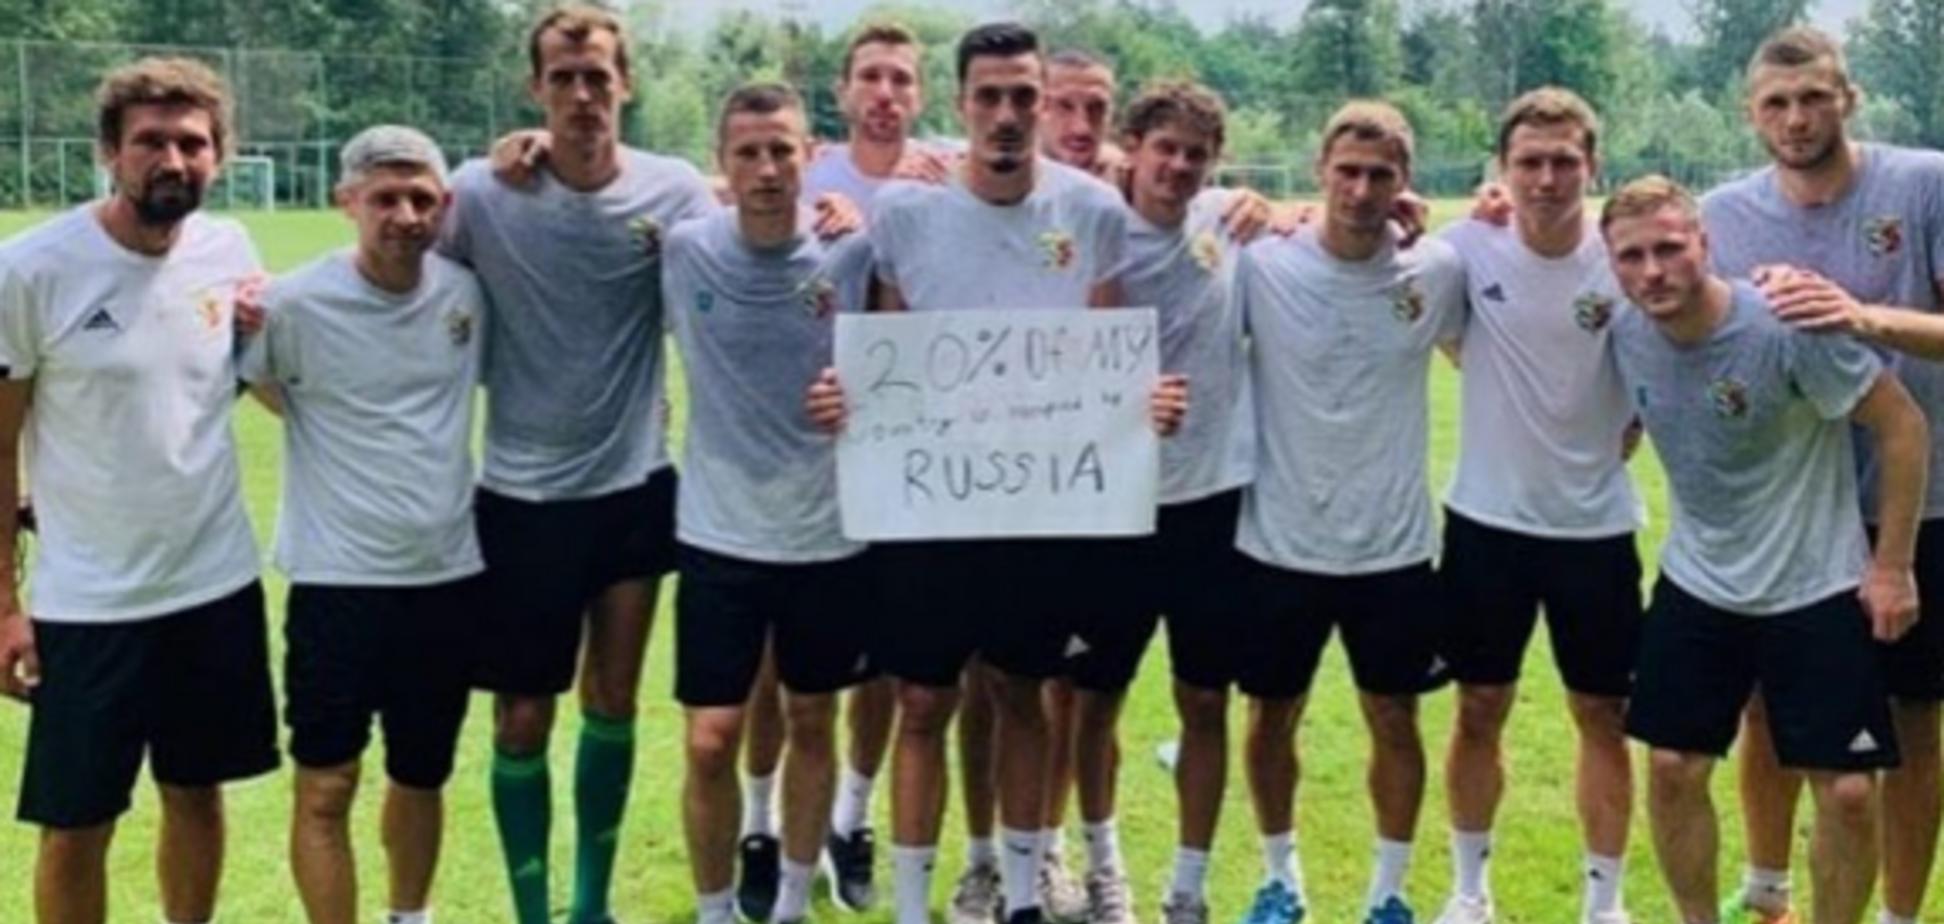 'Моя страна оккупирована': футболисты 'Ворсклы' поддержали акцию против России